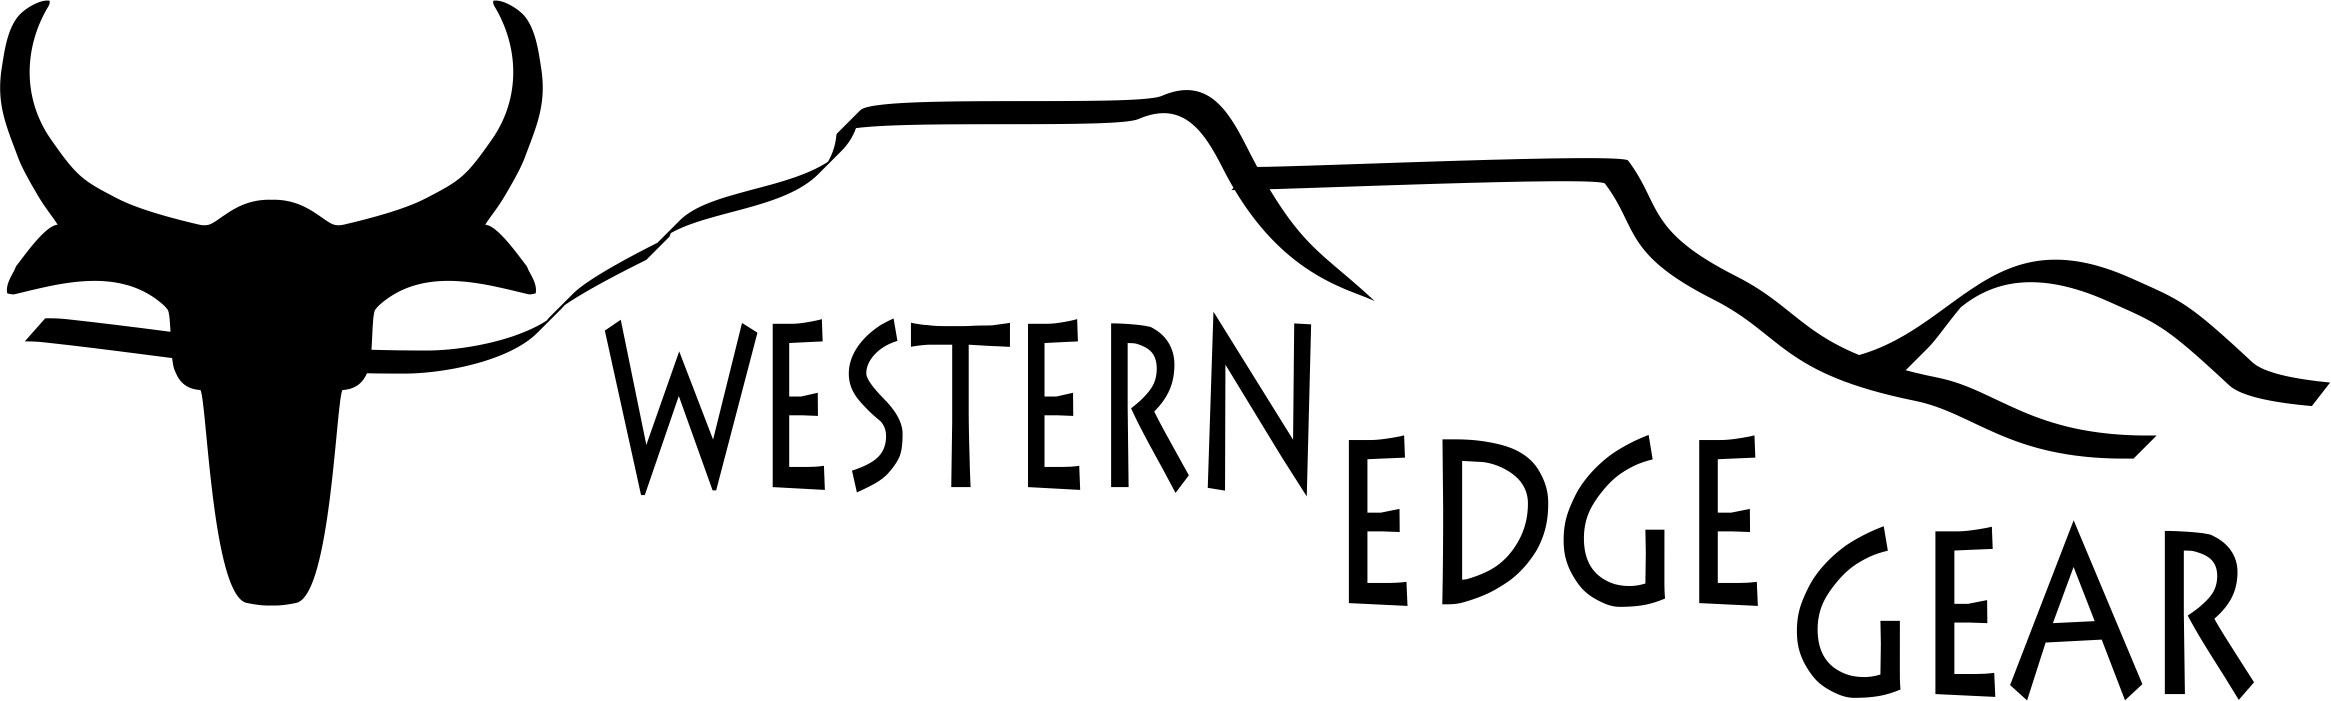 www.westernedgegear.com